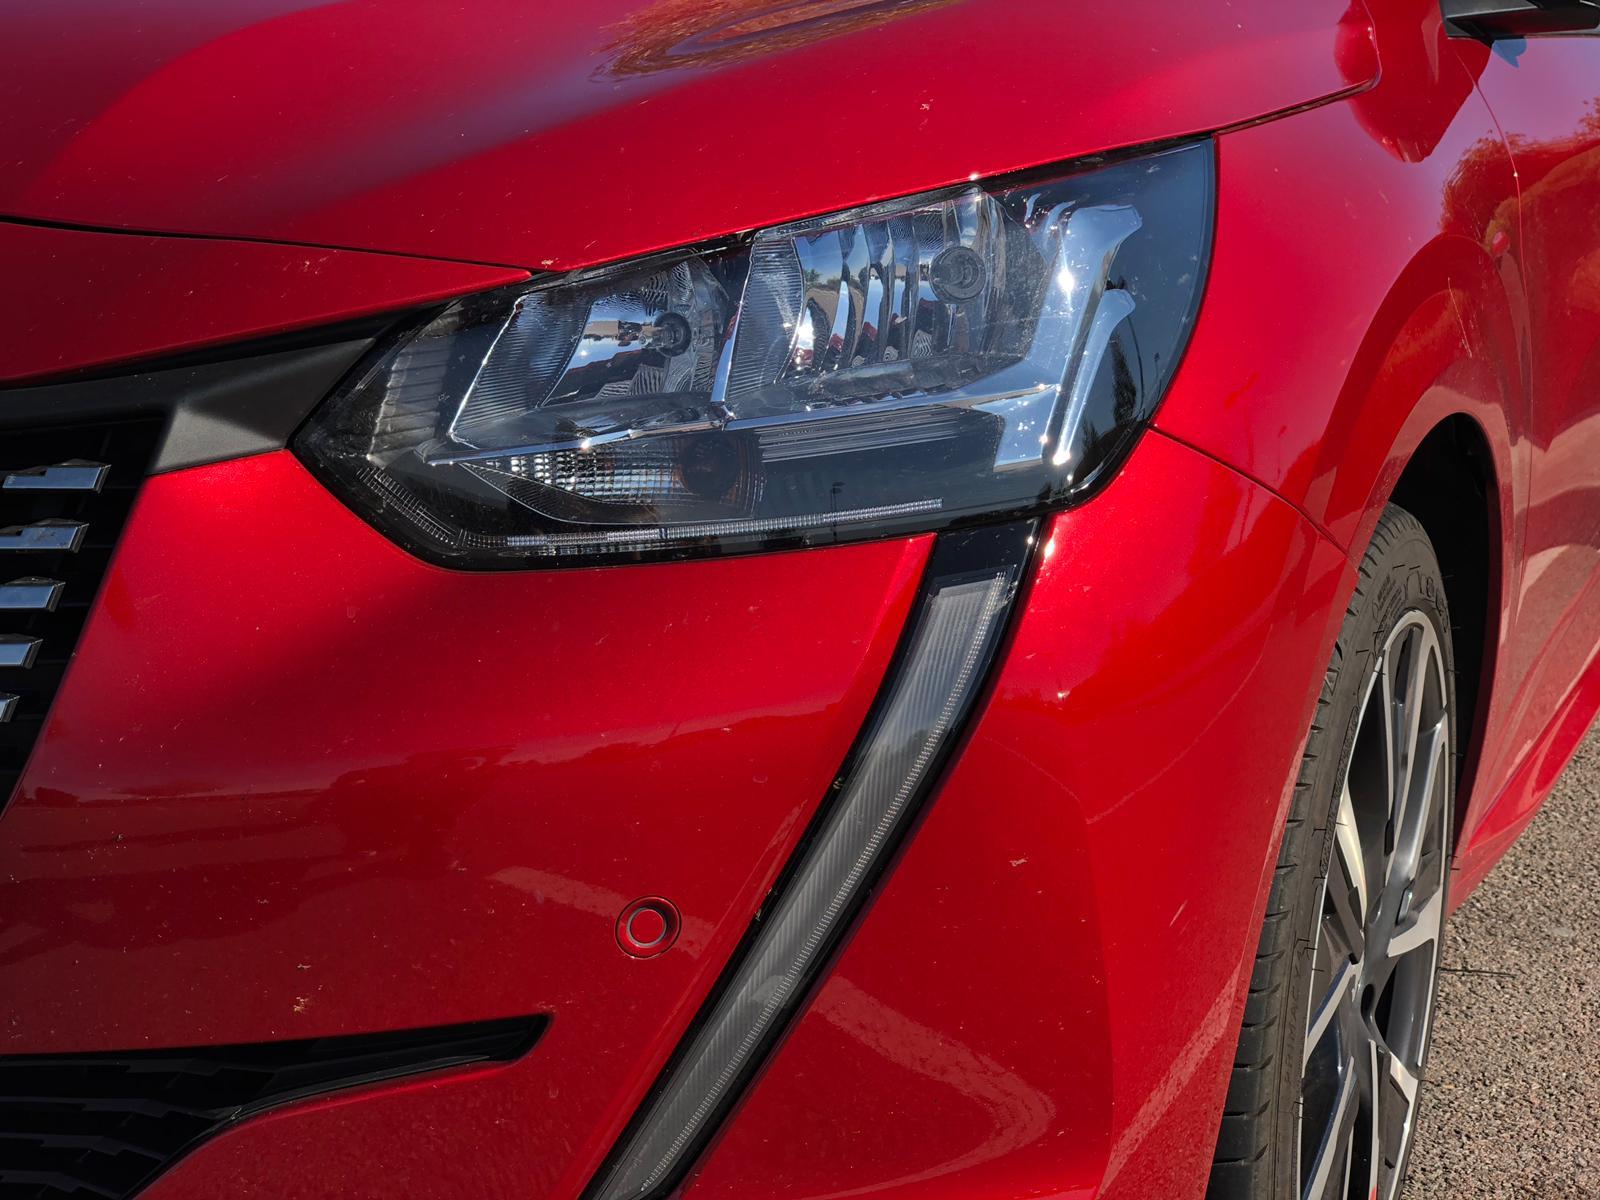 2019 - [Opel] Corsa F [P2JO] - Page 14 IMG-20190719-WA0008